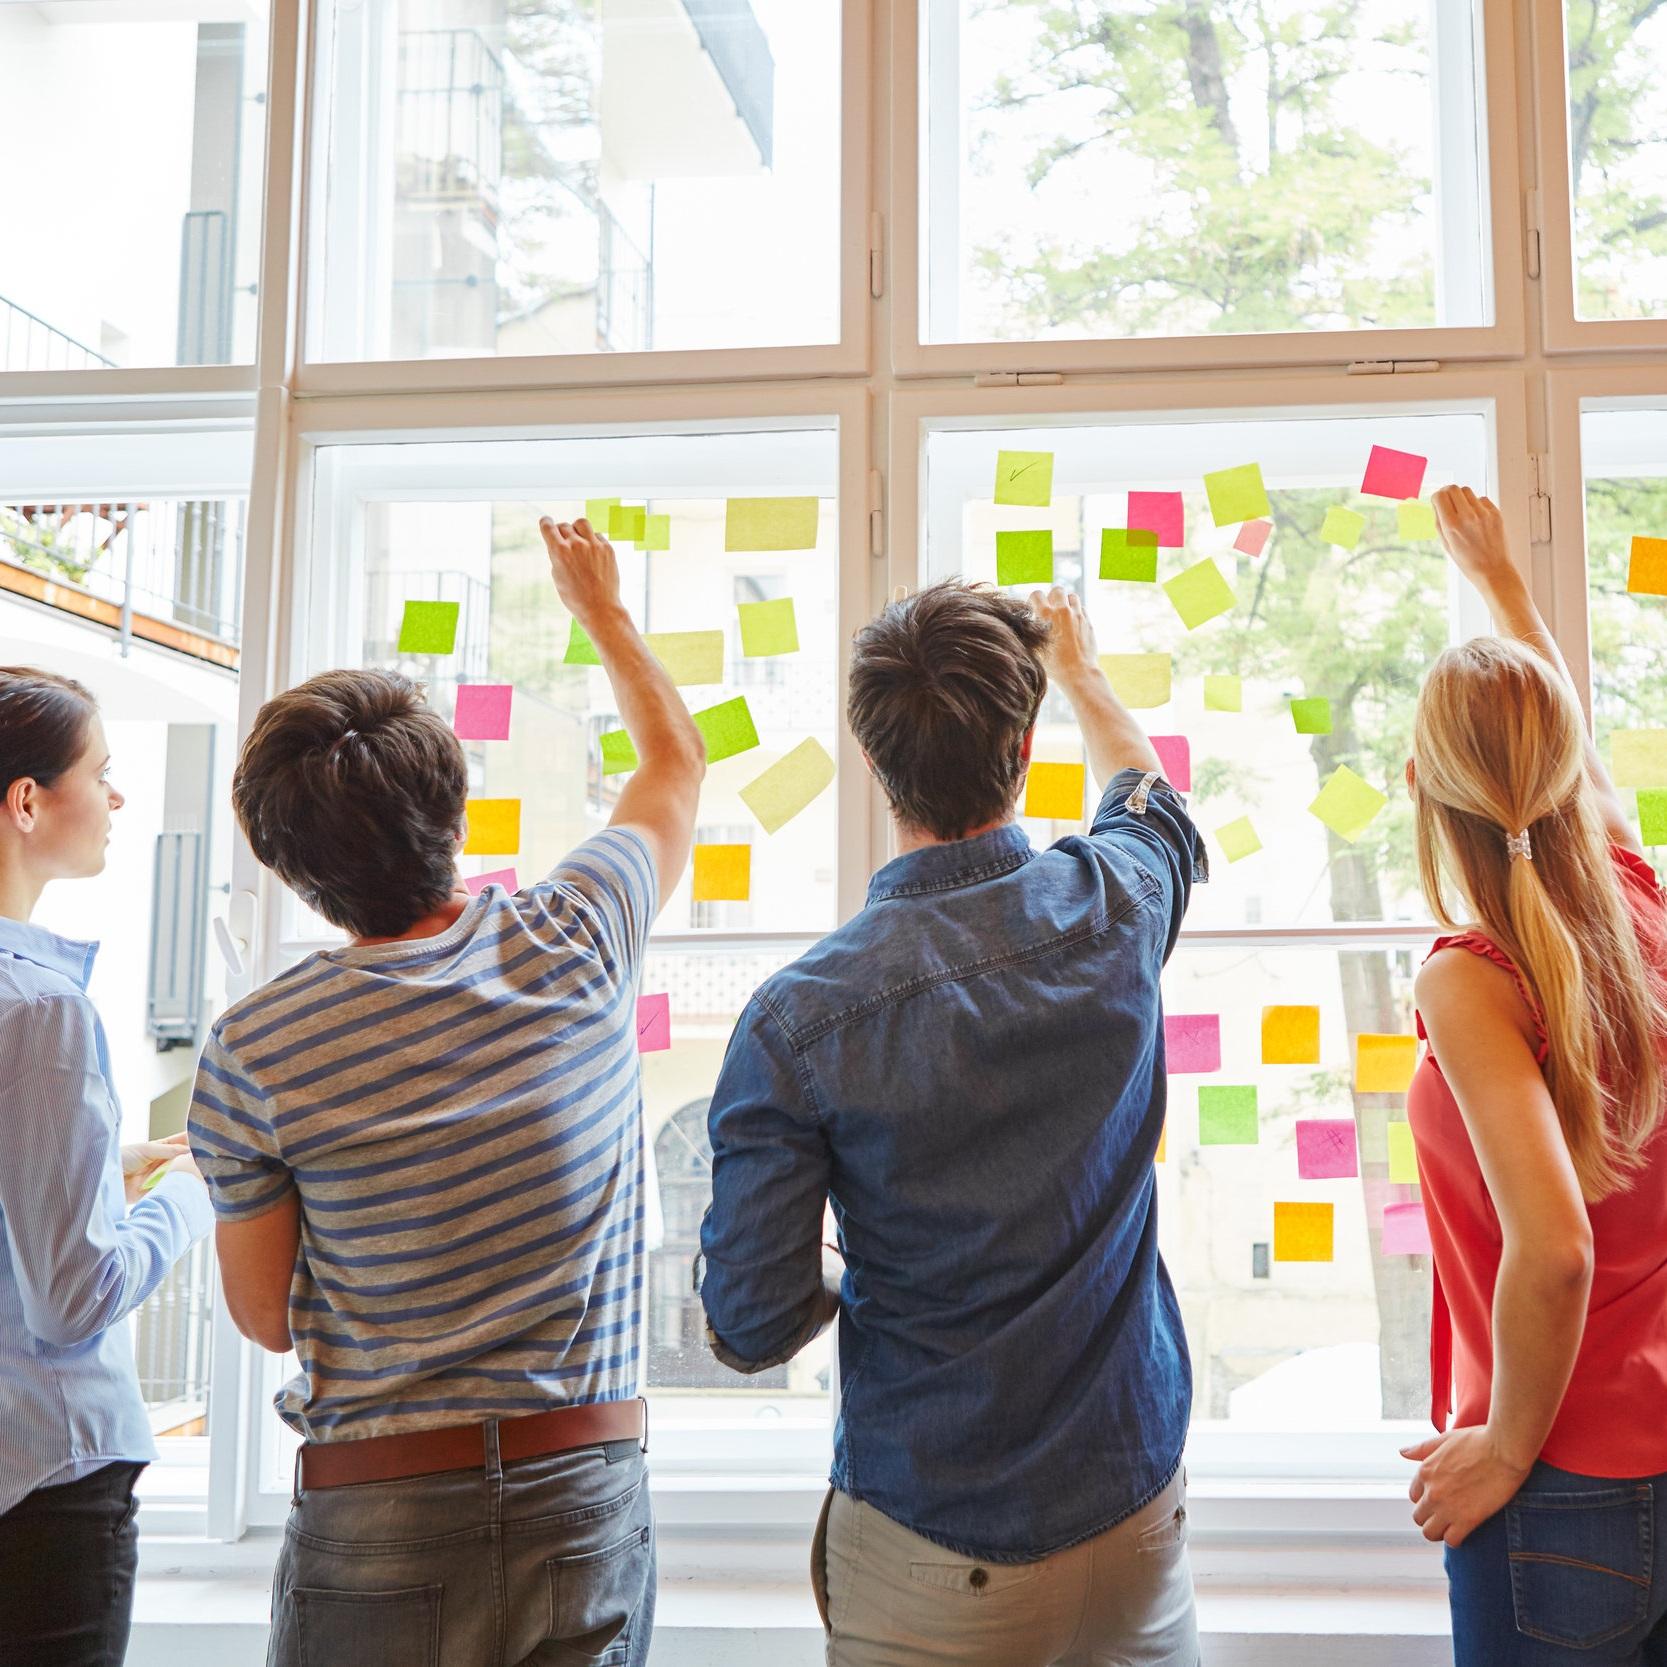 DESIGN SPRINTS - Un Design Sprint es un proceso paso a paso que en sólo 4 días permite resolver grandes retos de negocio, validar ideas y crear productos y servicios maximizando las posibilidades de éxito.Fueron creados en Google como una metodología de trabajo propia y rápidamente fueron adoptados en Silicon Valley. Hoy lo utilizan en todo el mundo empresas como Apple, Facebook, Amazon, Lego y Airbnb.